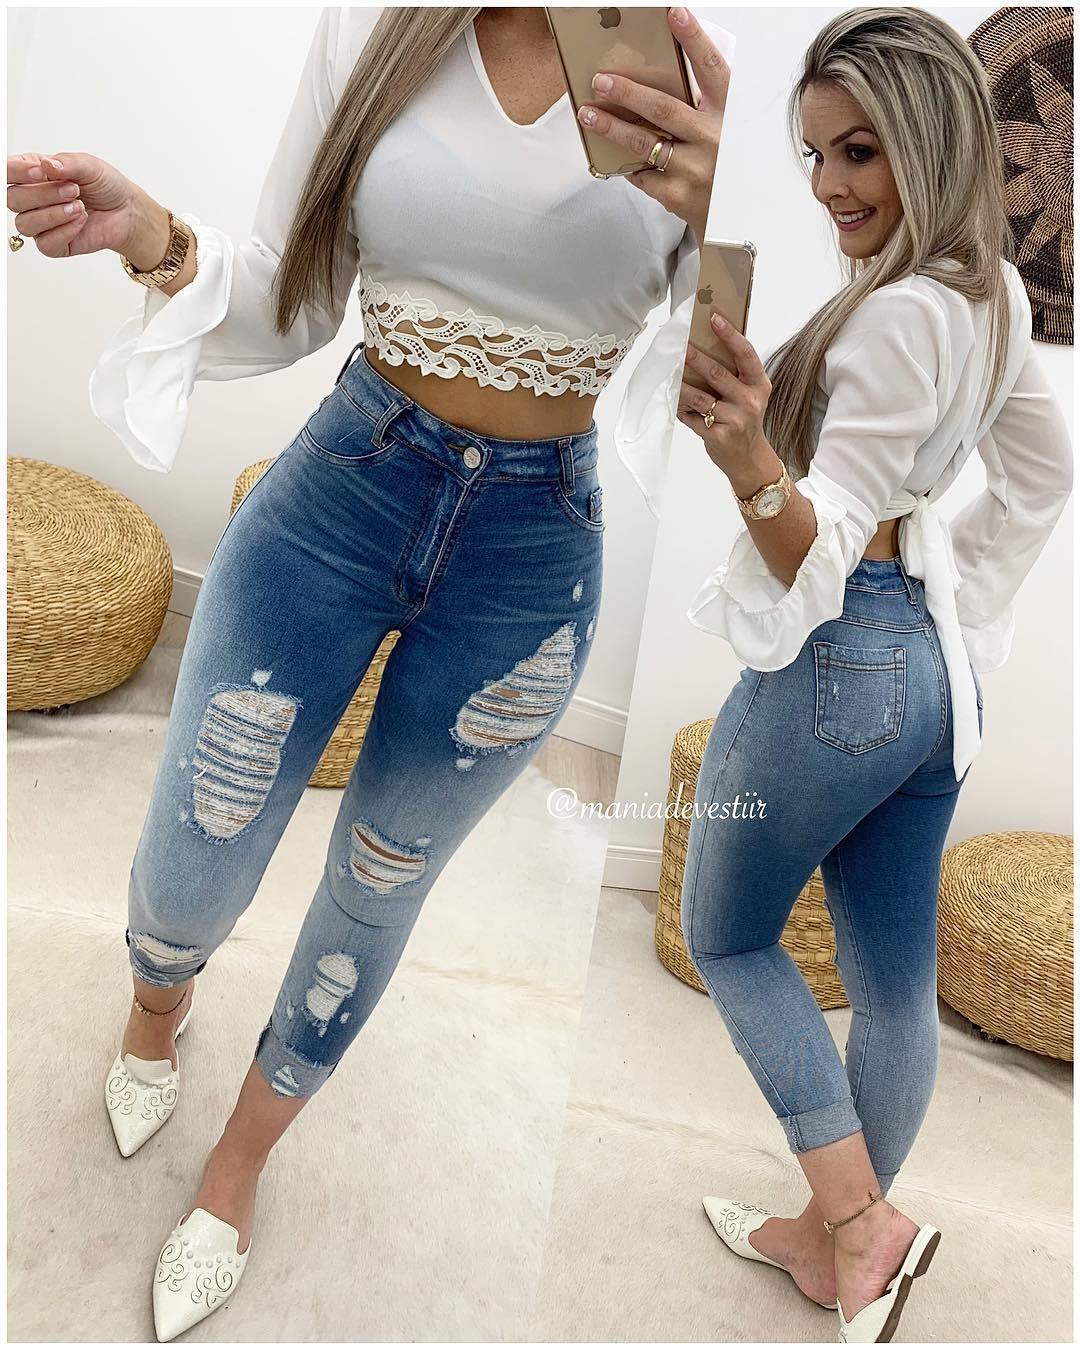 """Mania De Vestir on Instagram """"Atendimento hoje das 1300 às 1840 hrs! 😘 Mule @shoes lust 🛒 Site para compras 👇🏻 www maniadevestir com br Dúvidas SITE (49) 988195646…"""" is part of Outfits tenis - 8,304 Likes, 88 Comments  Mania De Vestir (@maniadevestiir) on Instagram """"Atendimento hoje das 1300 às 1840 hrs! 😘 Mule @shoes lust 🛒 Site para compras 👇🏻…"""""""